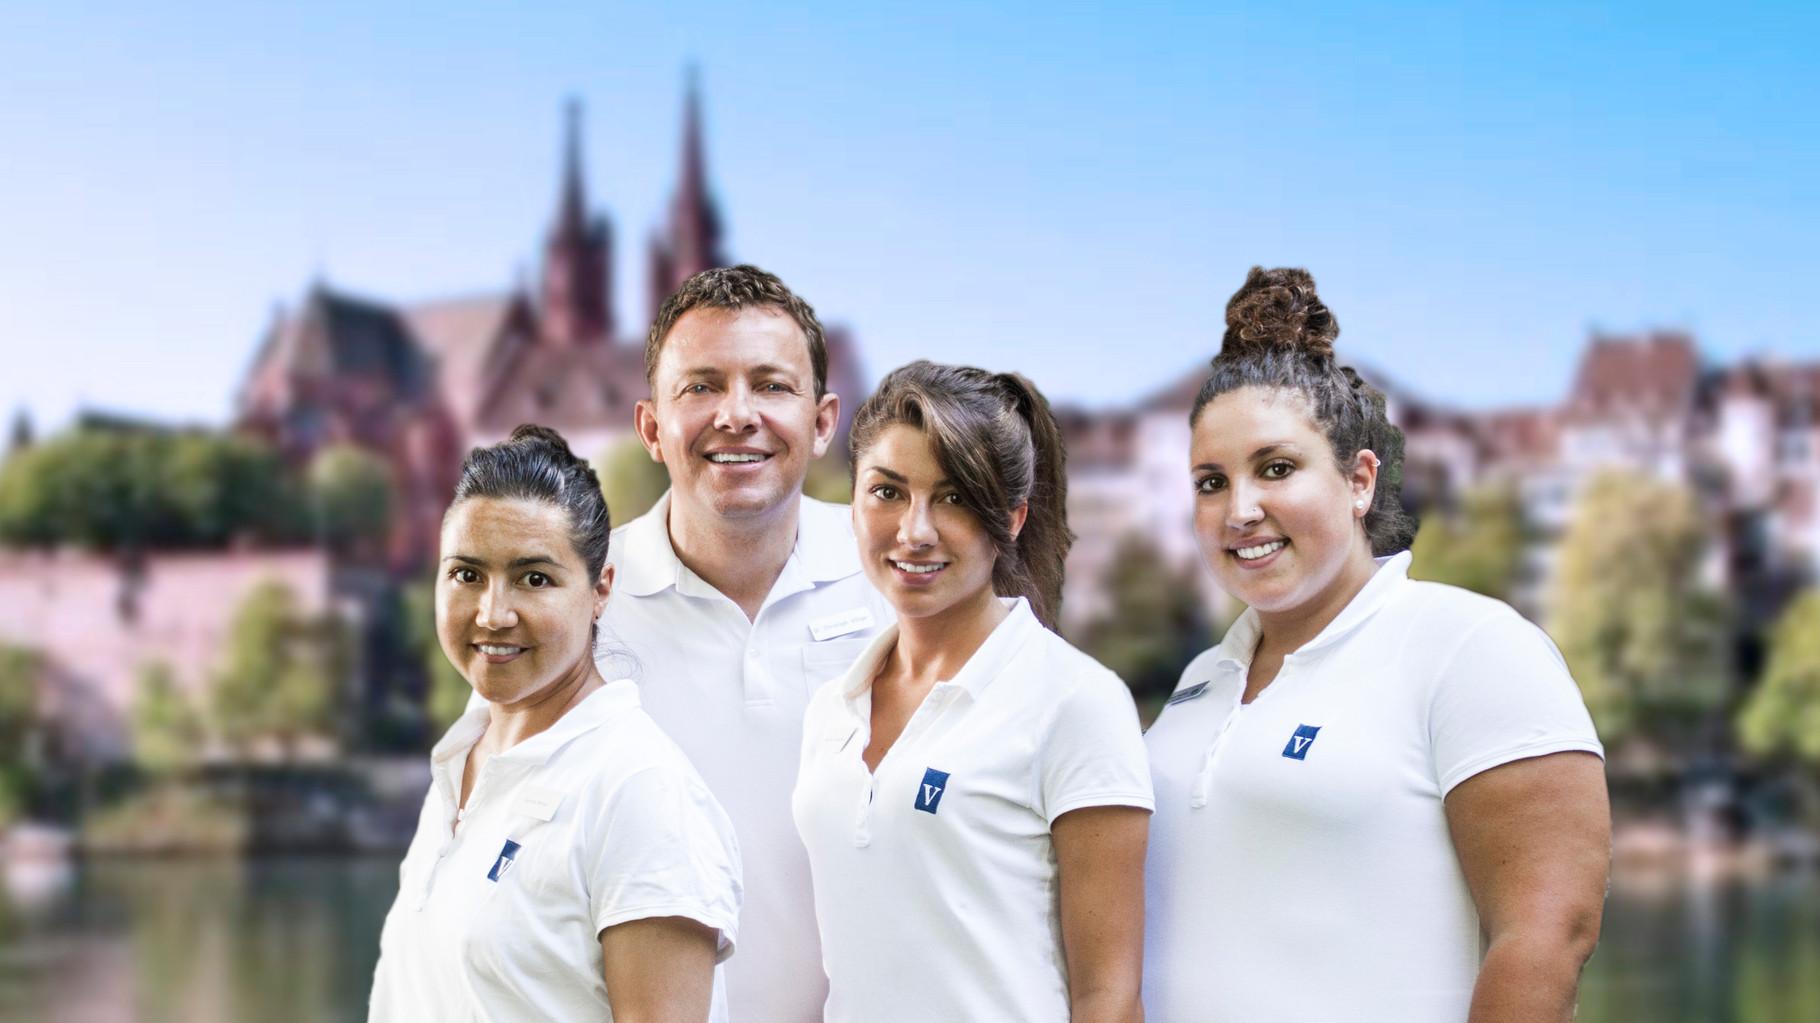 Praxis Villiger: Team